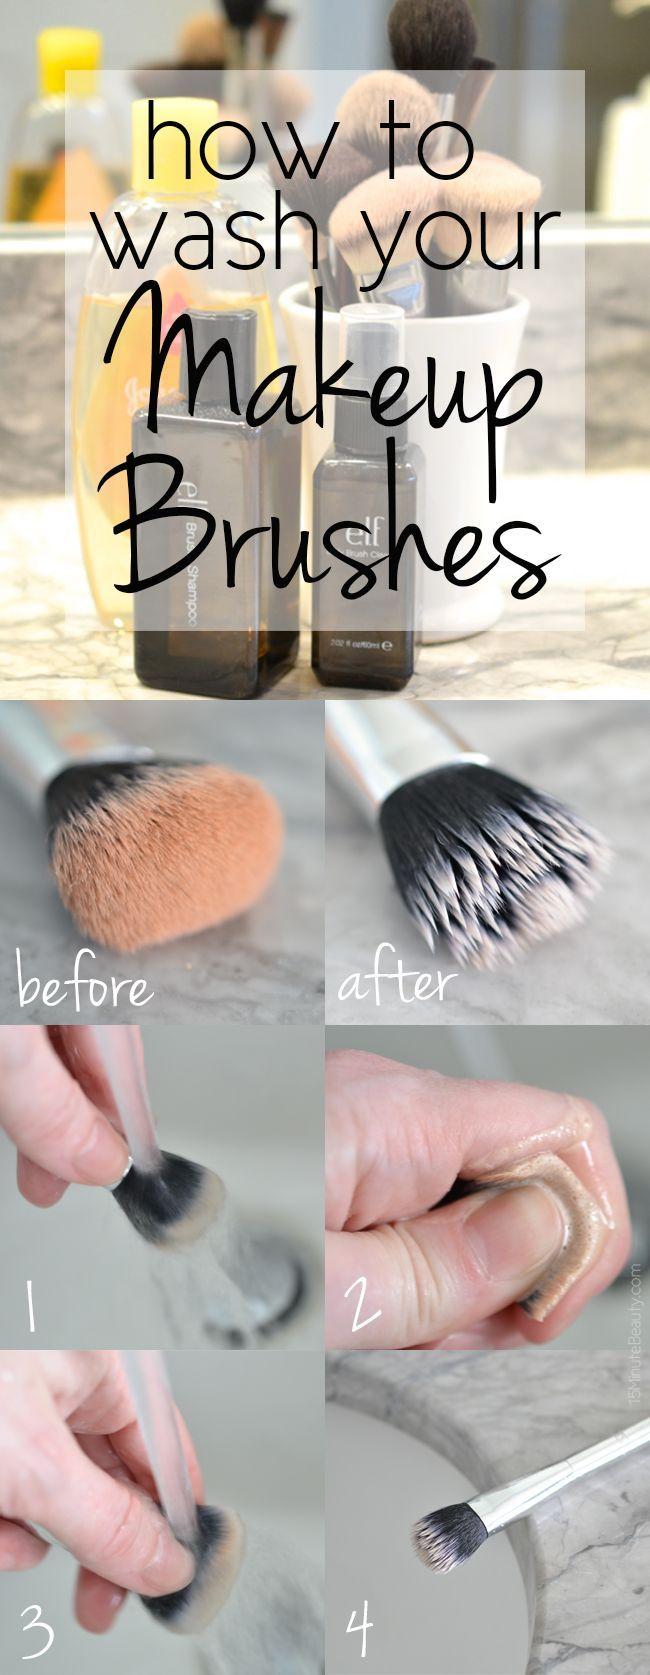 ¿Sabes cómo limpiar tus brochas de maquillaje?